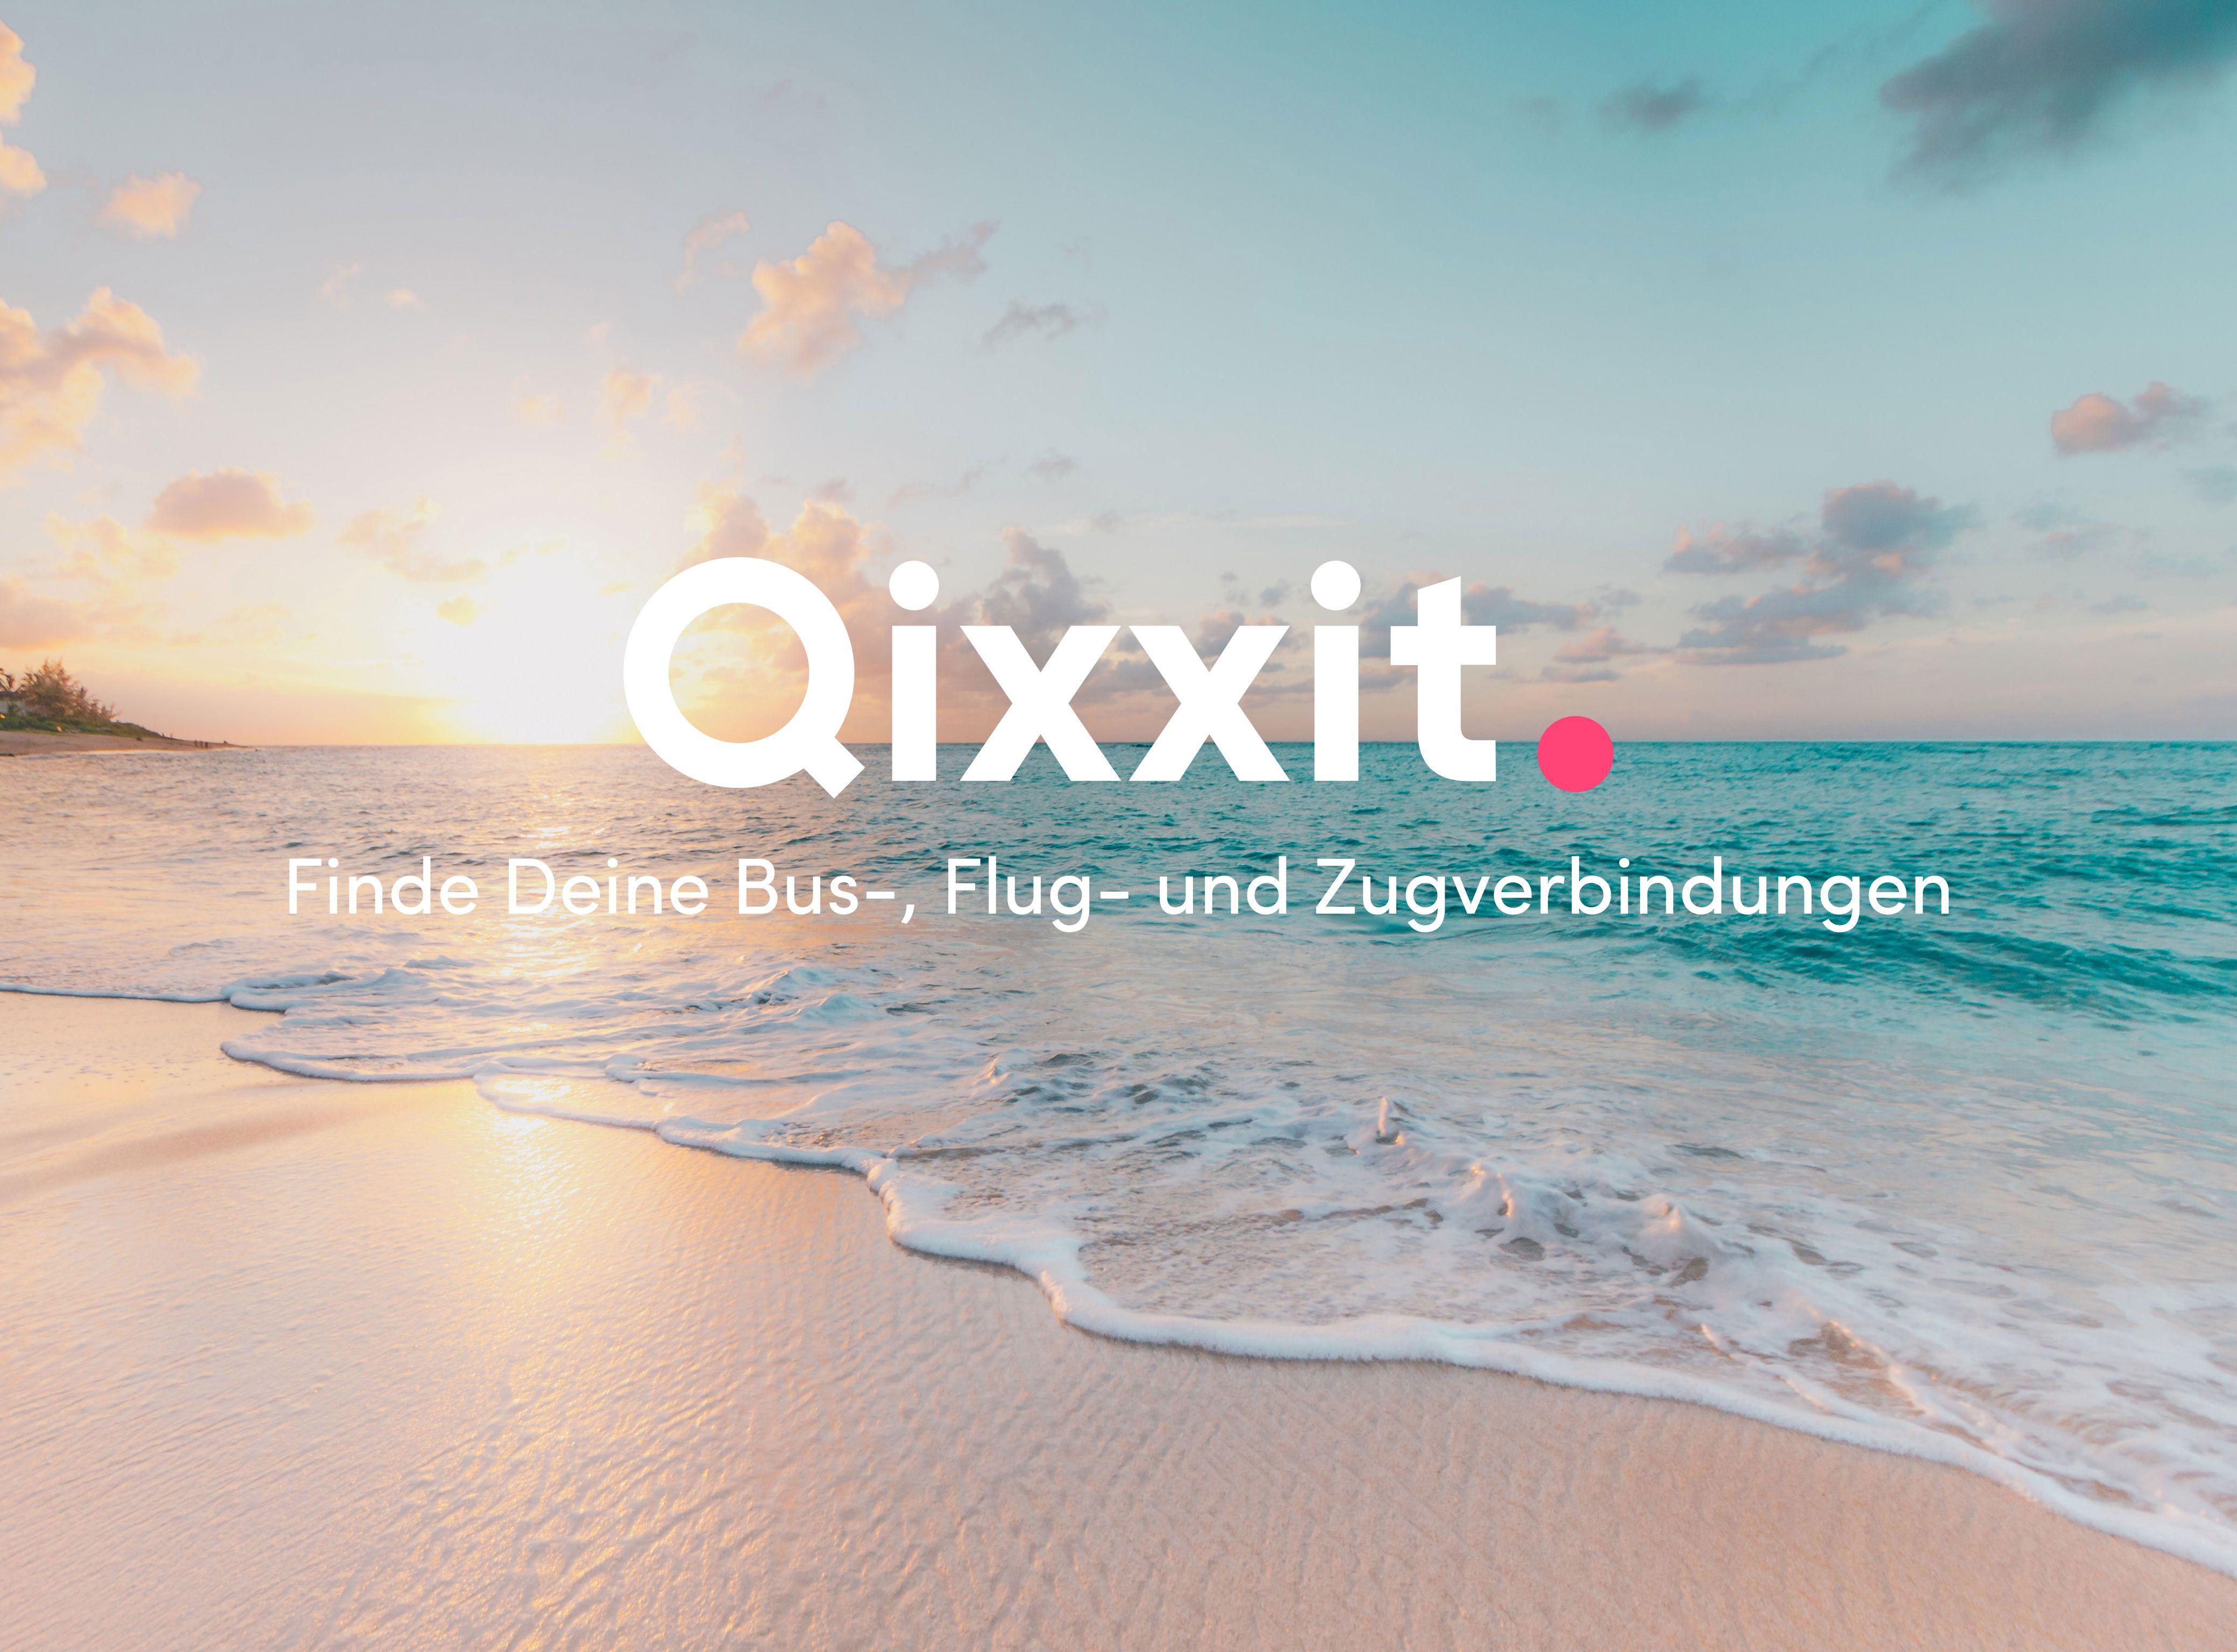 Qixxit Analysiert Flug Bahn Und Busverbindungen Und Kombiniert